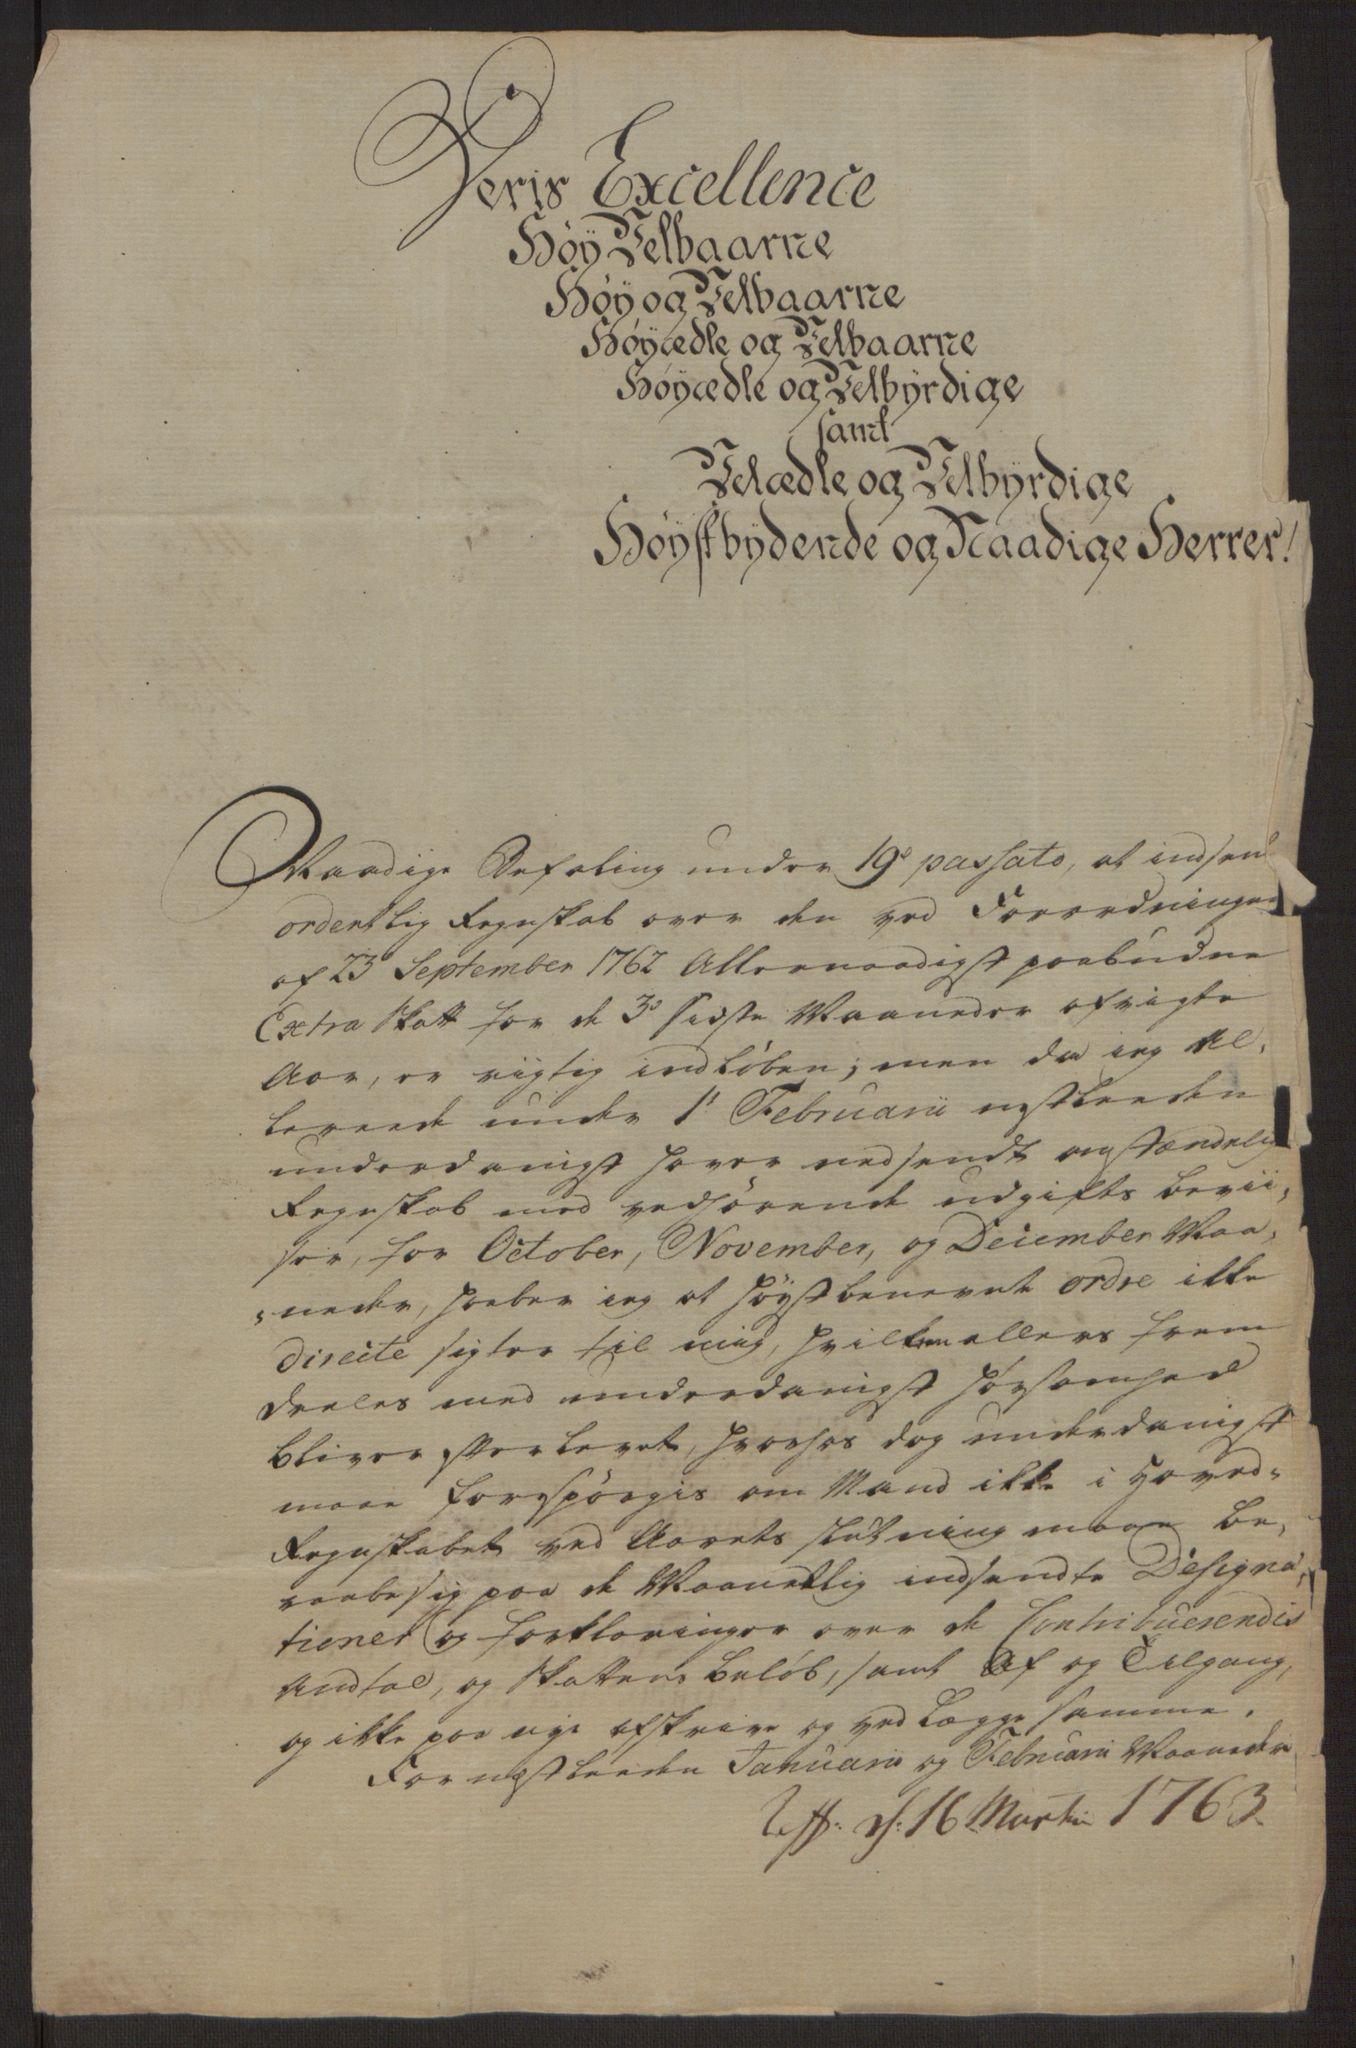 RA, Rentekammeret inntil 1814, Reviderte regnskaper, Byregnskaper, R/Ri/L0183: [I4] Kontribusjonsregnskap, 1762-1768, s. 12